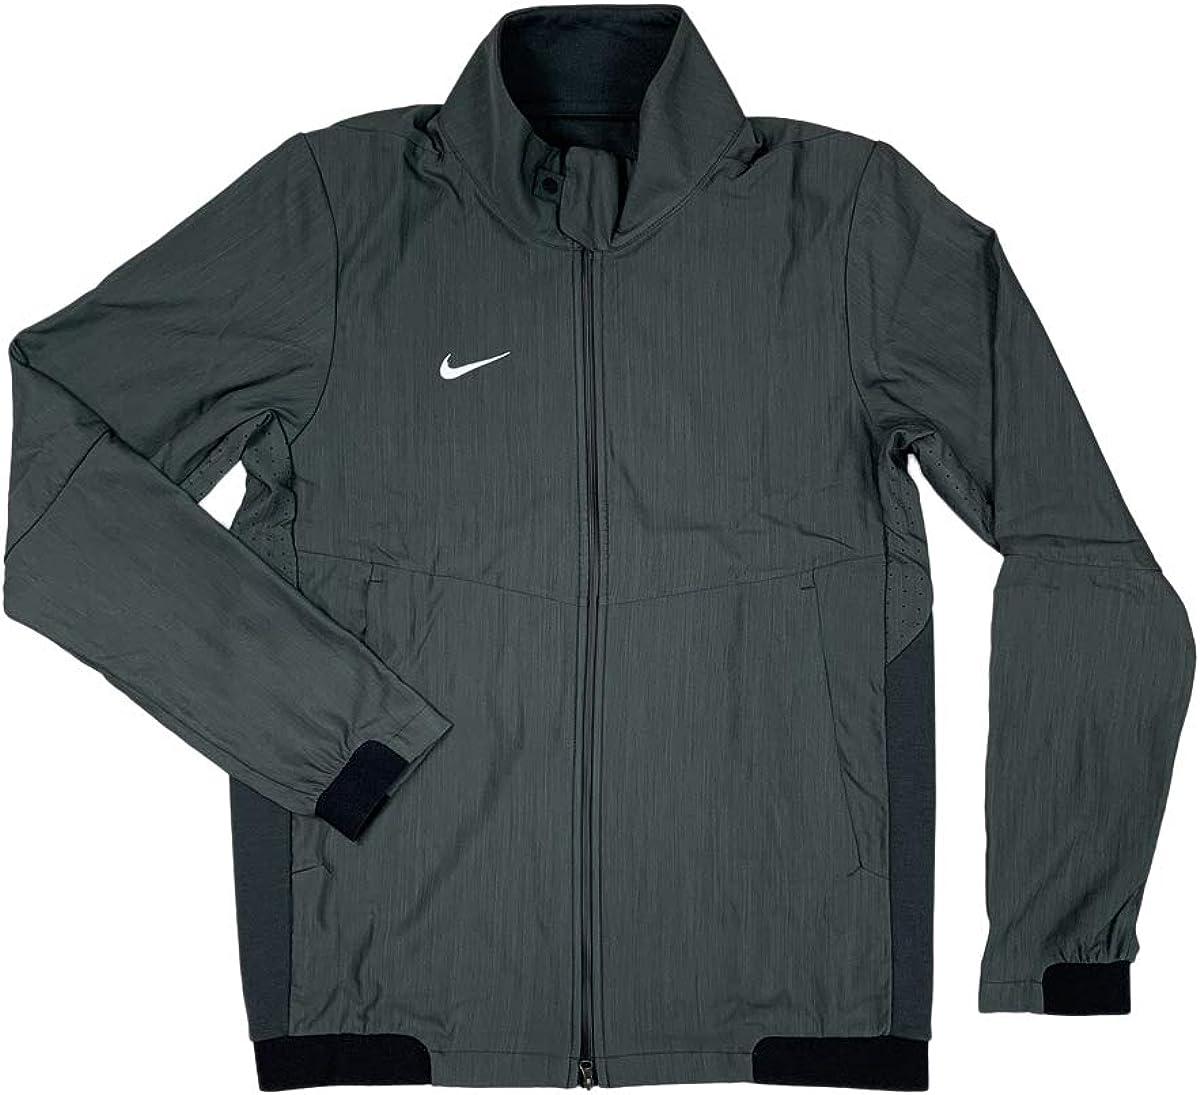 oficial rendimiento confiable envio GRATIS a todo el mundo Amazon.com: Nike Mens Dri-Fit Light Weight Travel Jacket Grey ...